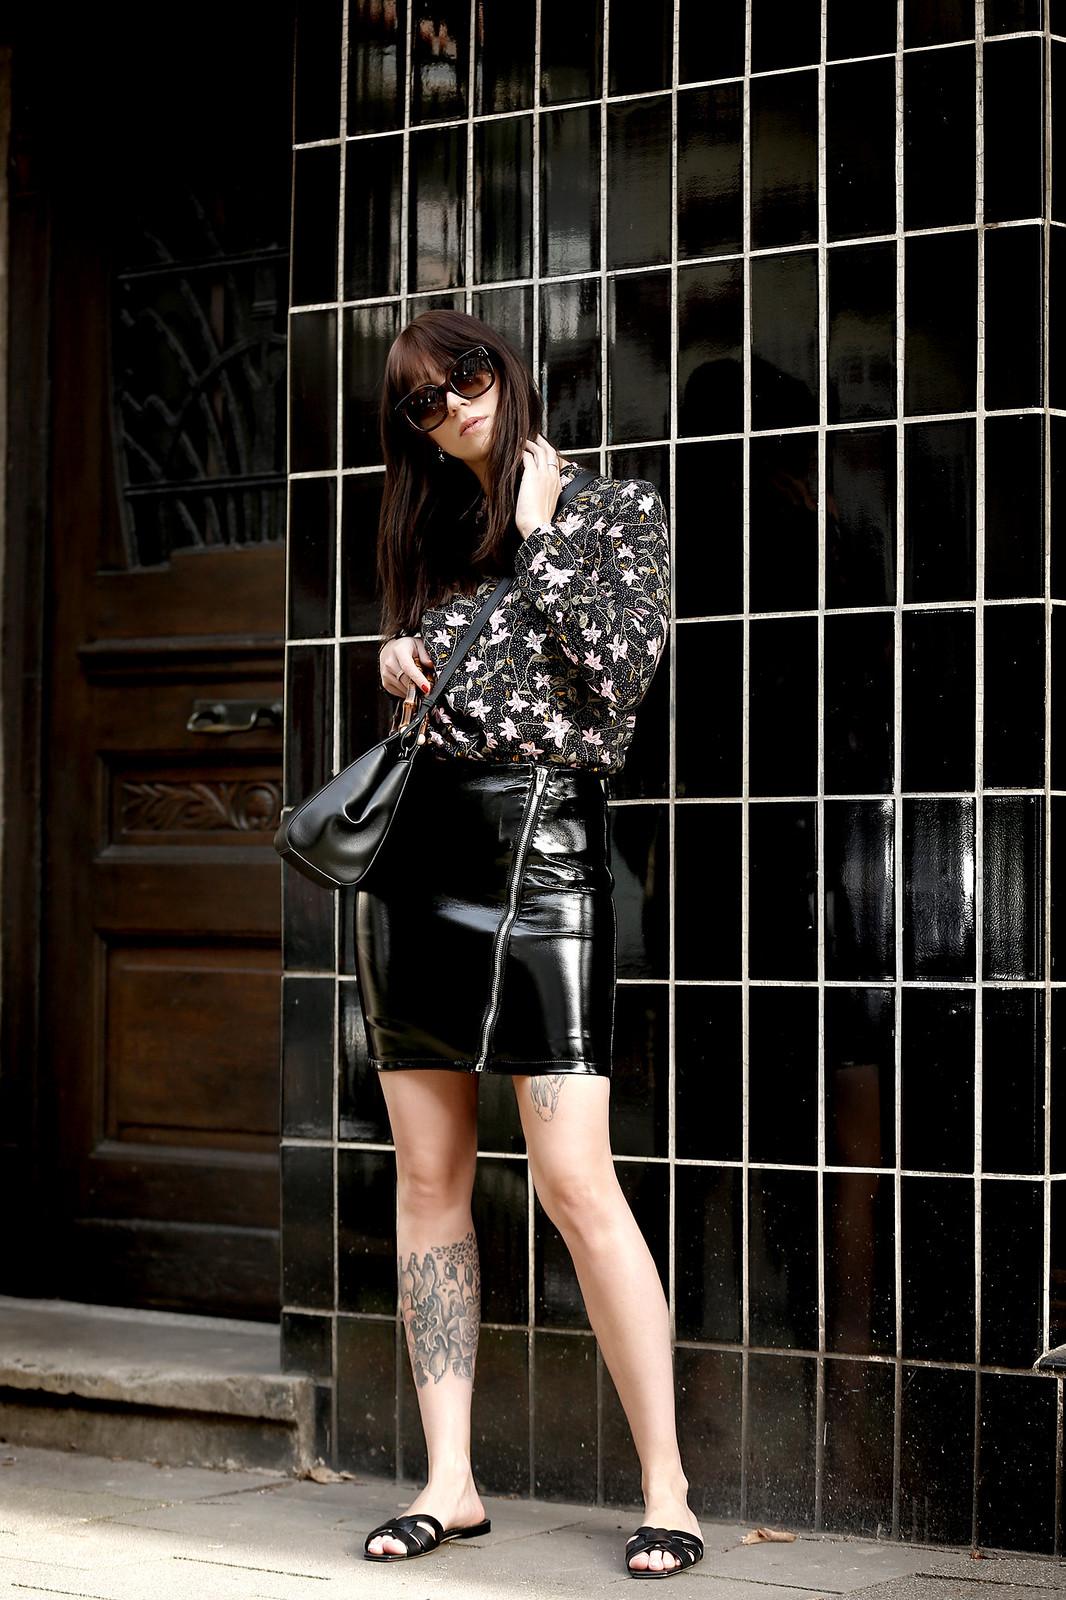 spring vibes vila floral blouse dress patent leather skirt asymmetric zipper gucci nymphaea bag saint laurent sandals cats & dogs ricarda schernus modeblogger fashionblogger outfit blogger 7